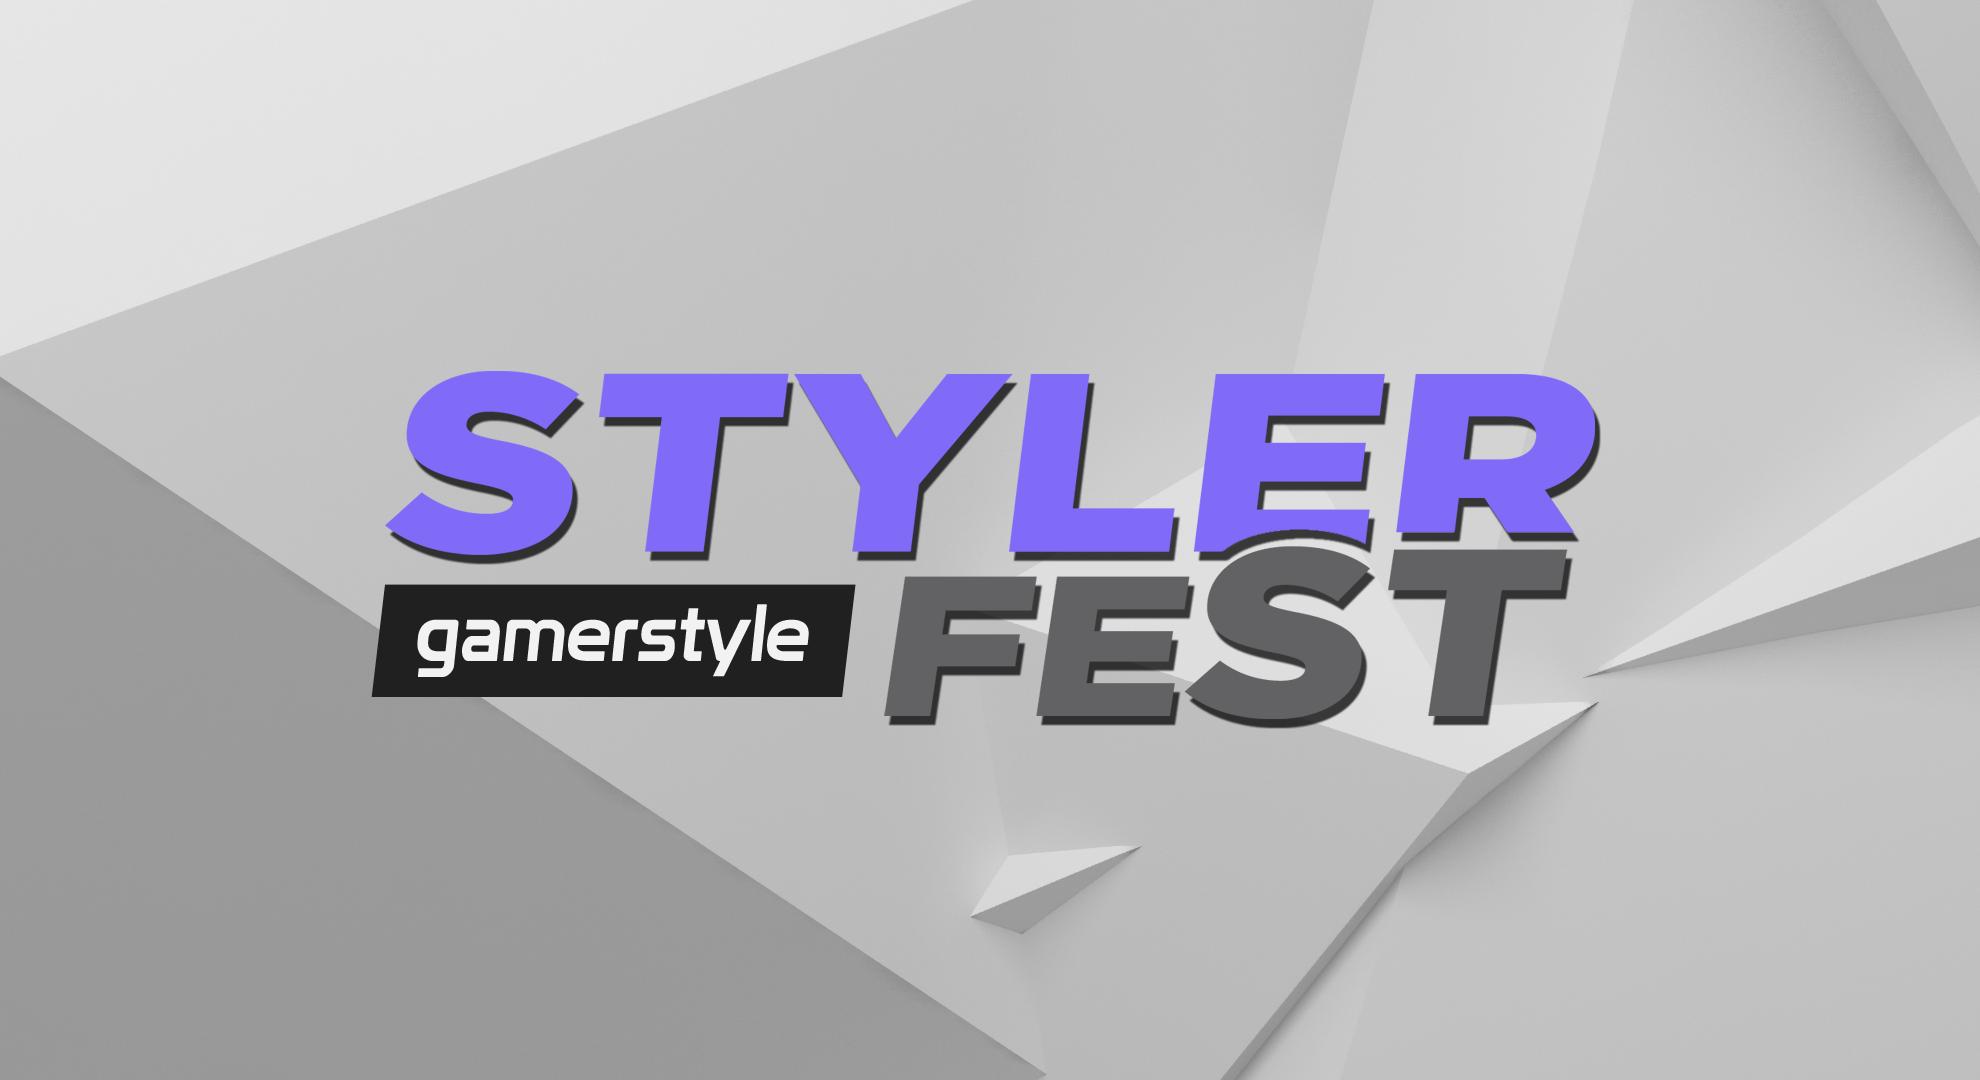 Styler Fest